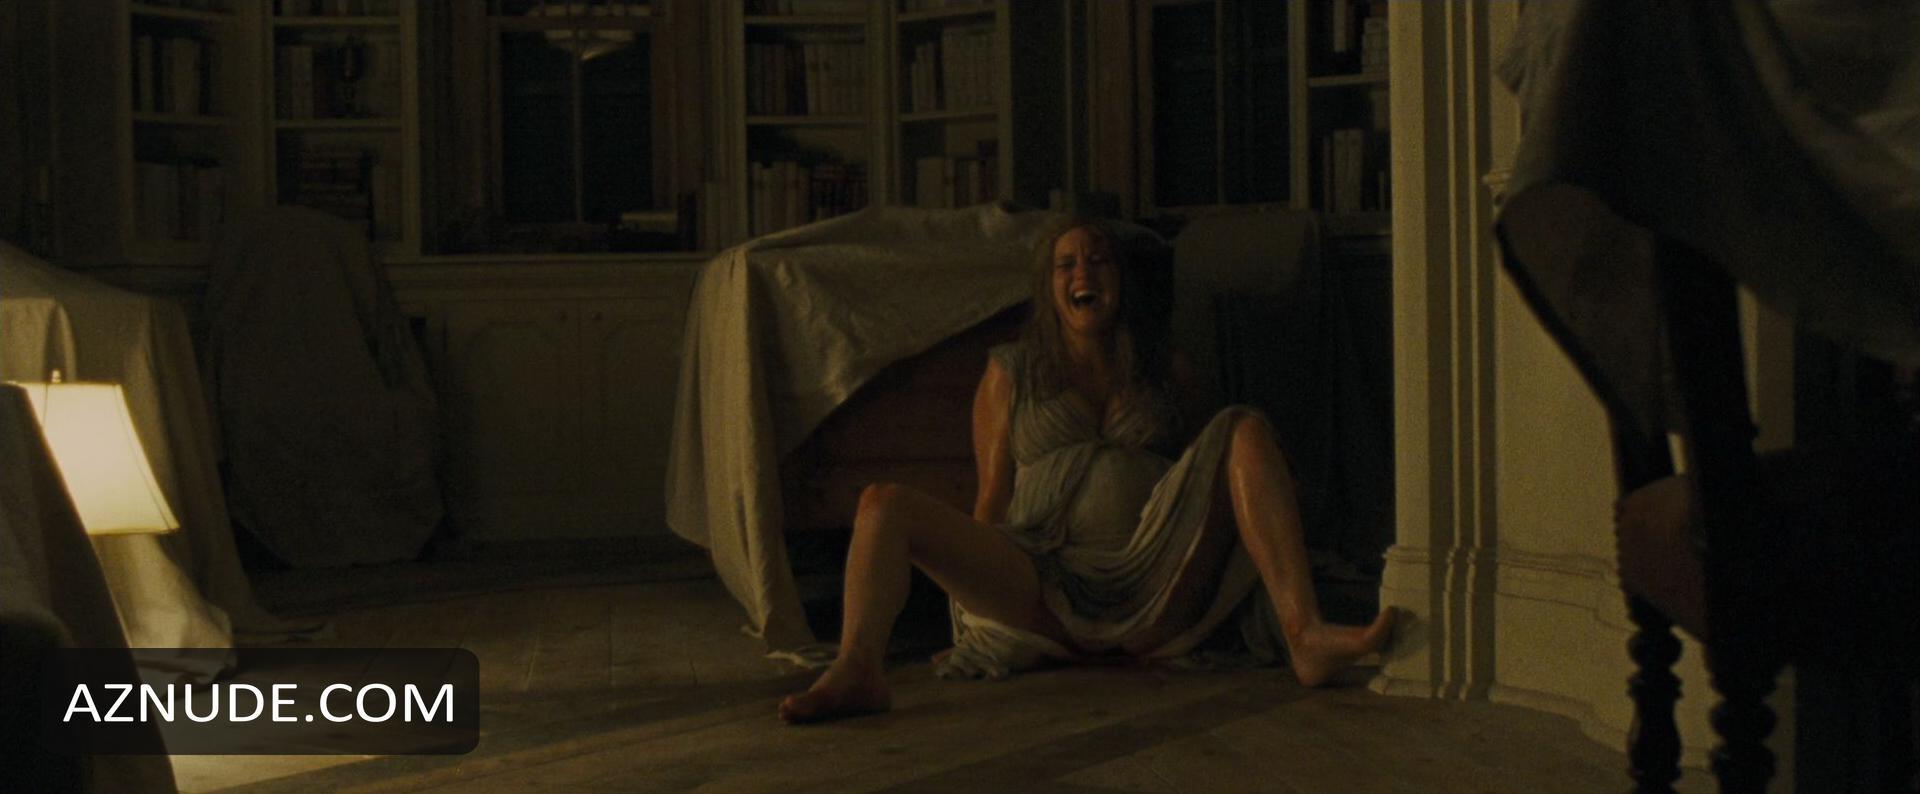 Mother Nude Scenes - Aznude-7968